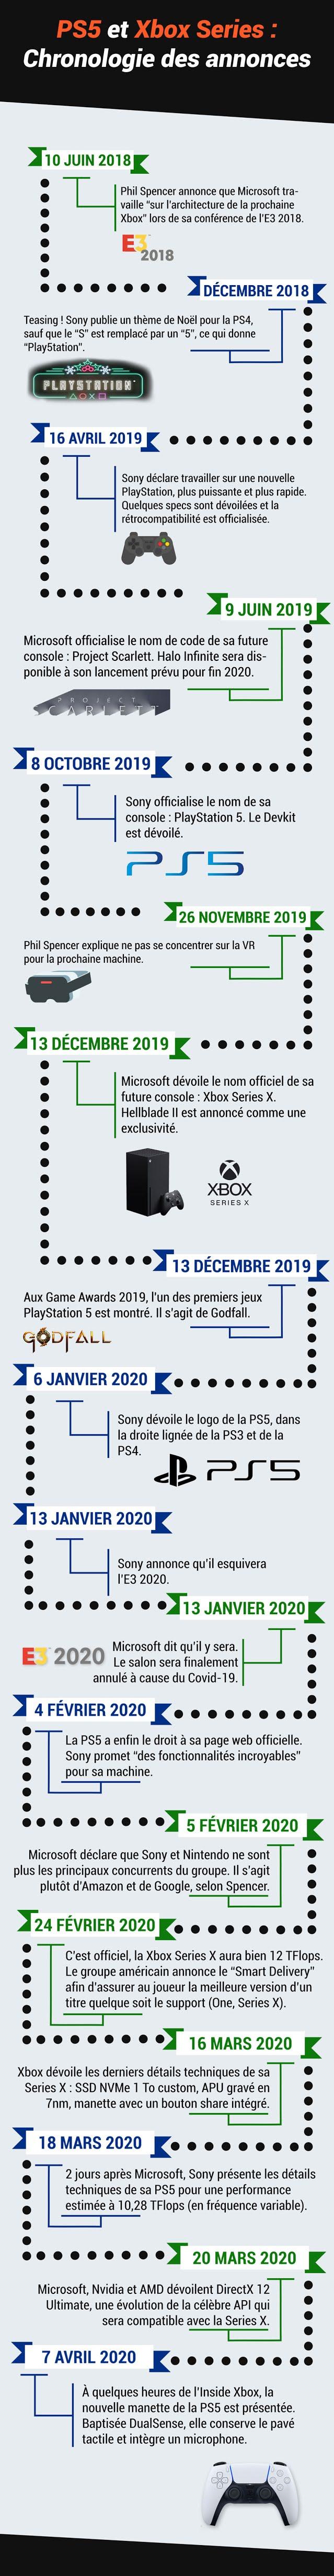 [Màj] PS5 / Xbox Series X : Le résumé des annonces en infographie vidéo